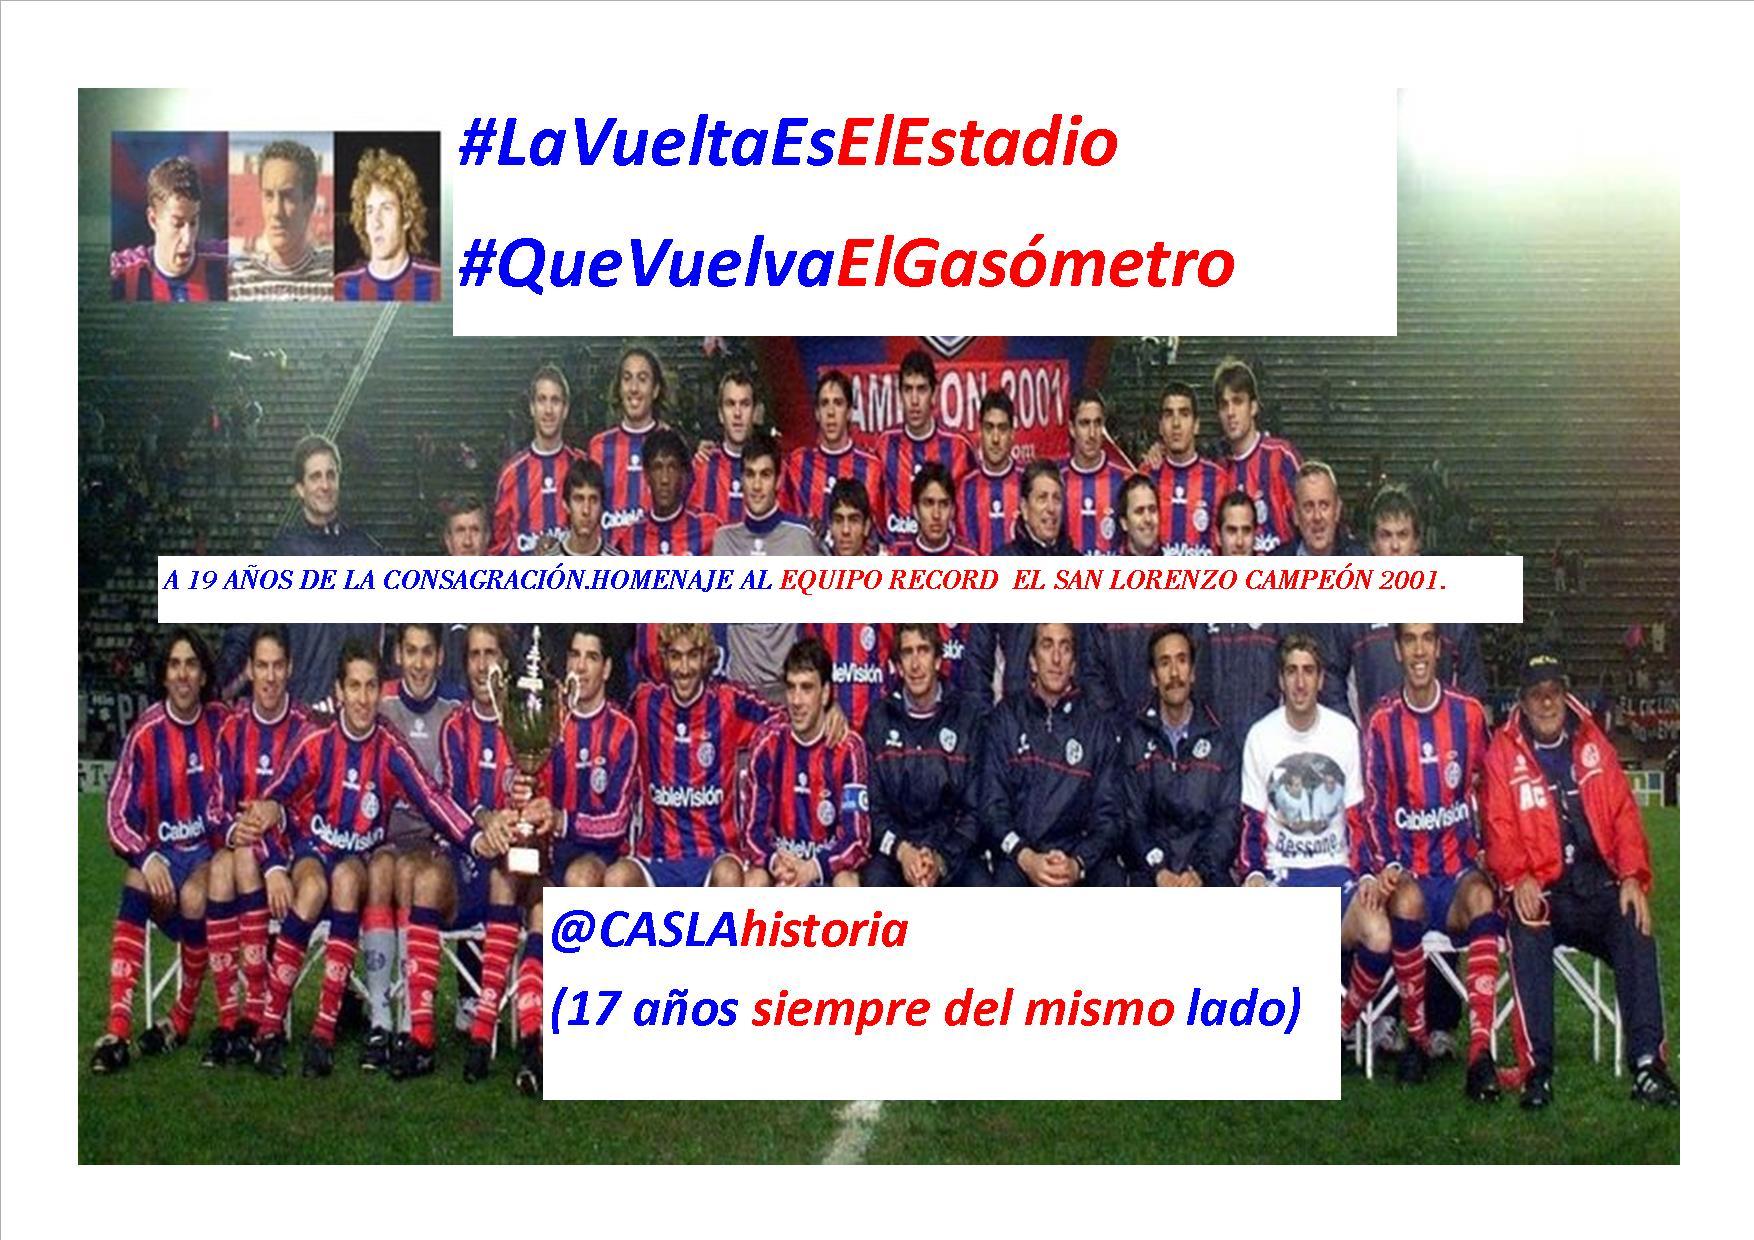 Programa N° 1030.»Campeón 2001, Casa,Milanesa, De Baldrich y Adelio»